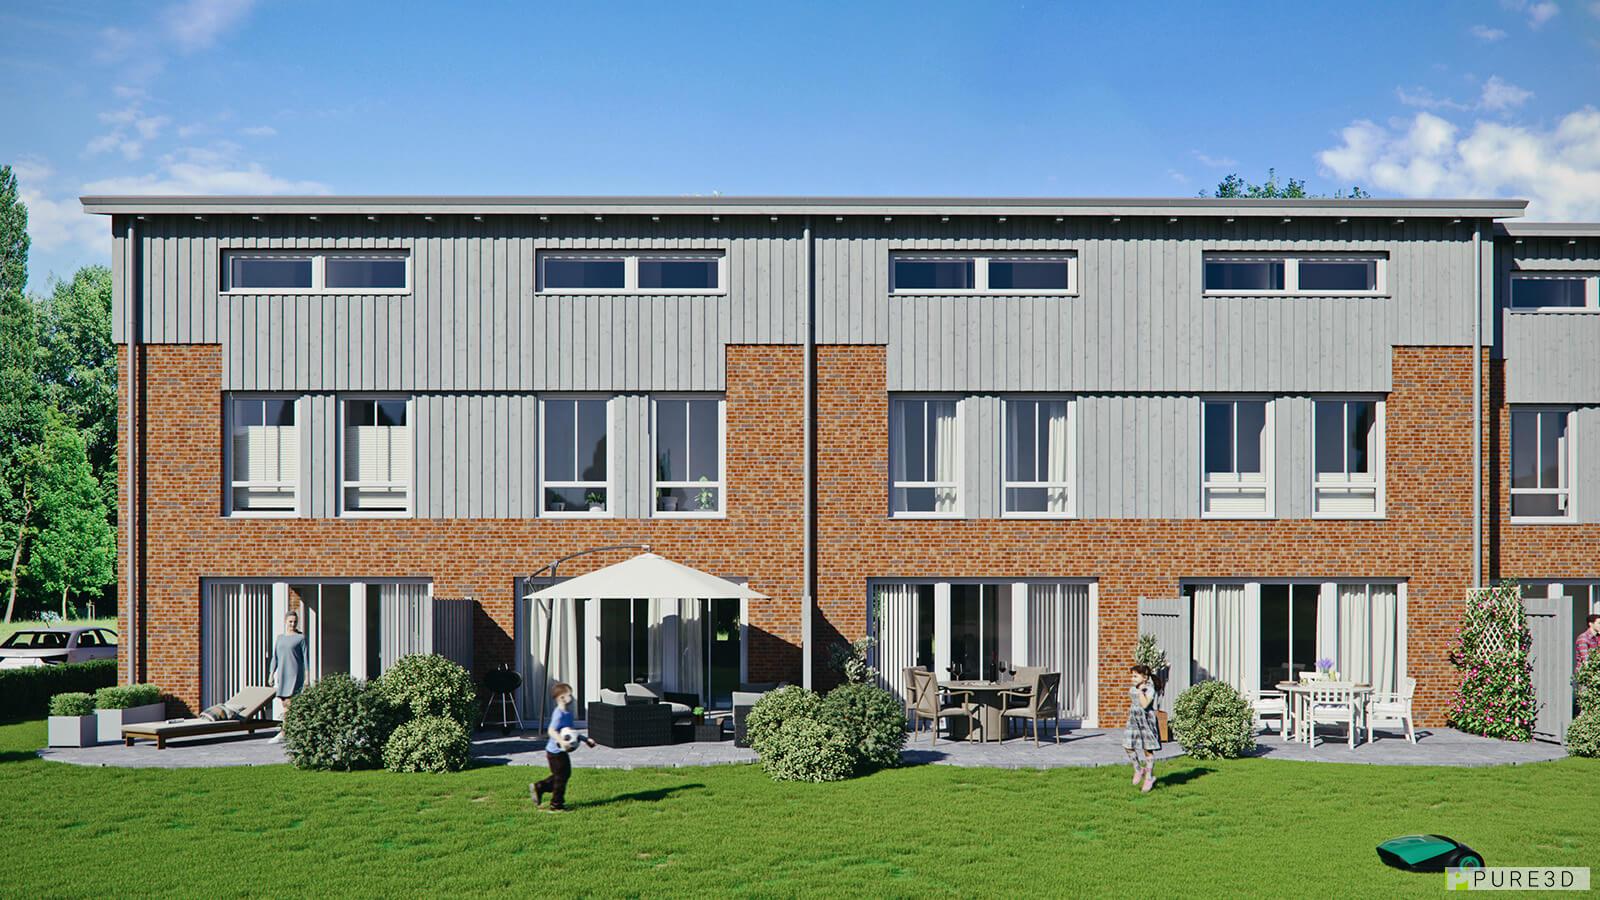 16 Reihenhäuser mit mit ökologischer Fassade